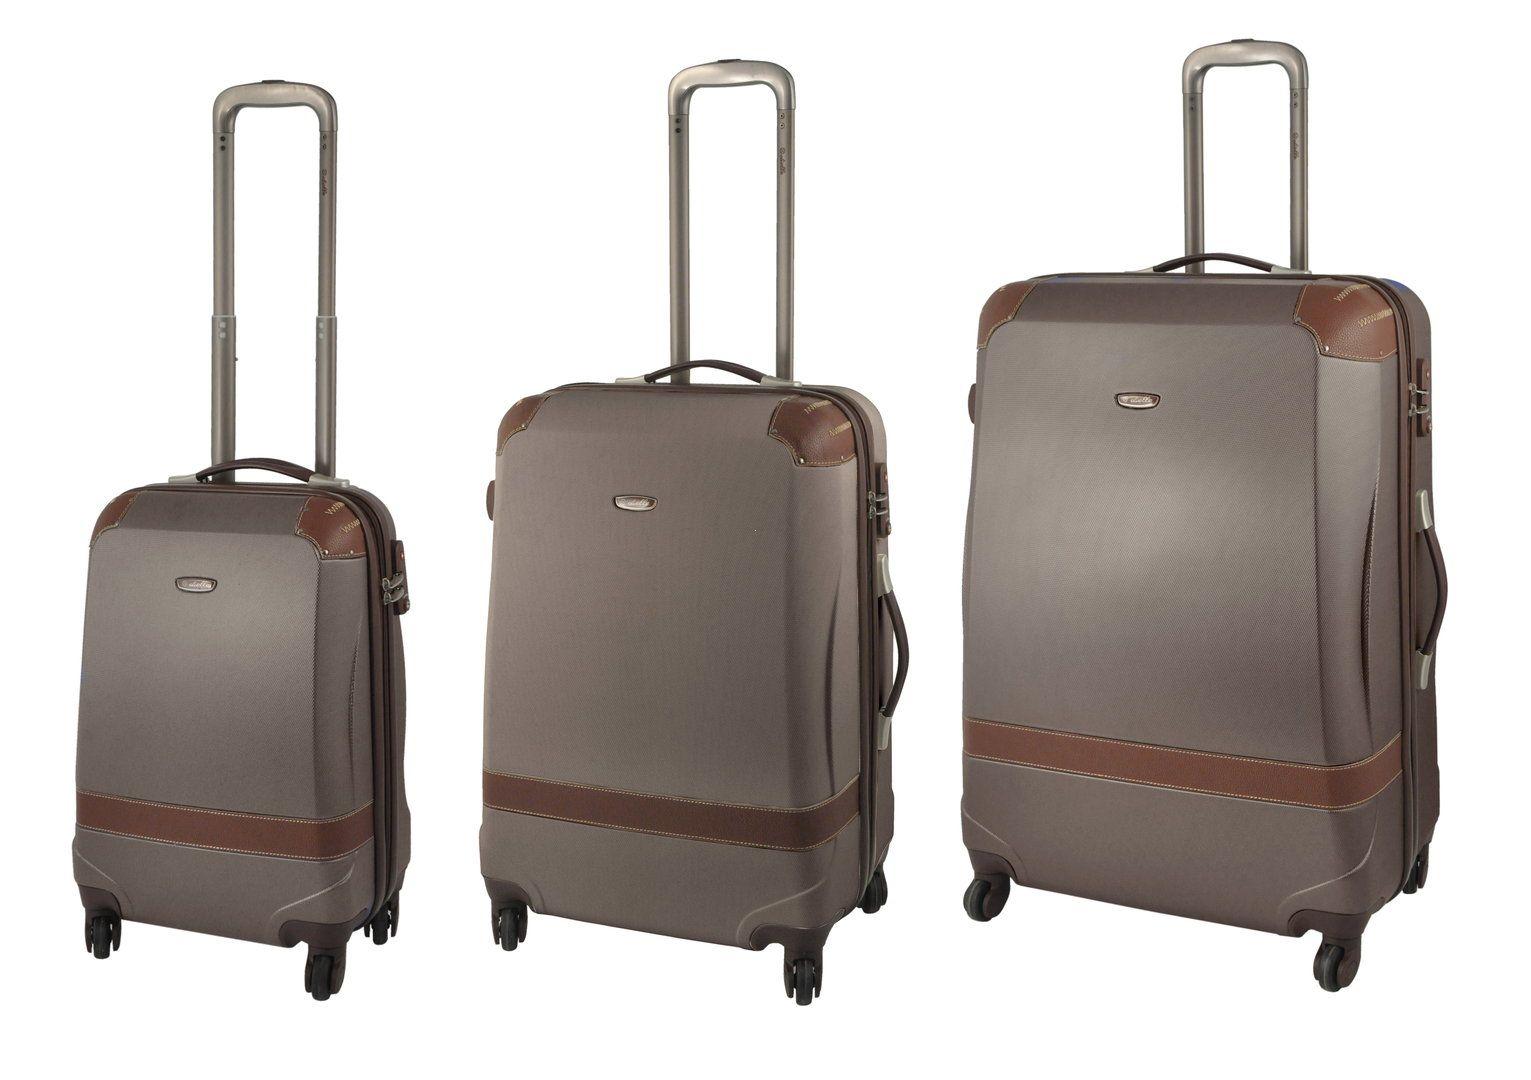 60f033302b150 Komplet 3 walizek twardych - duża, średnia, mała - 4 kółka, zamek ...